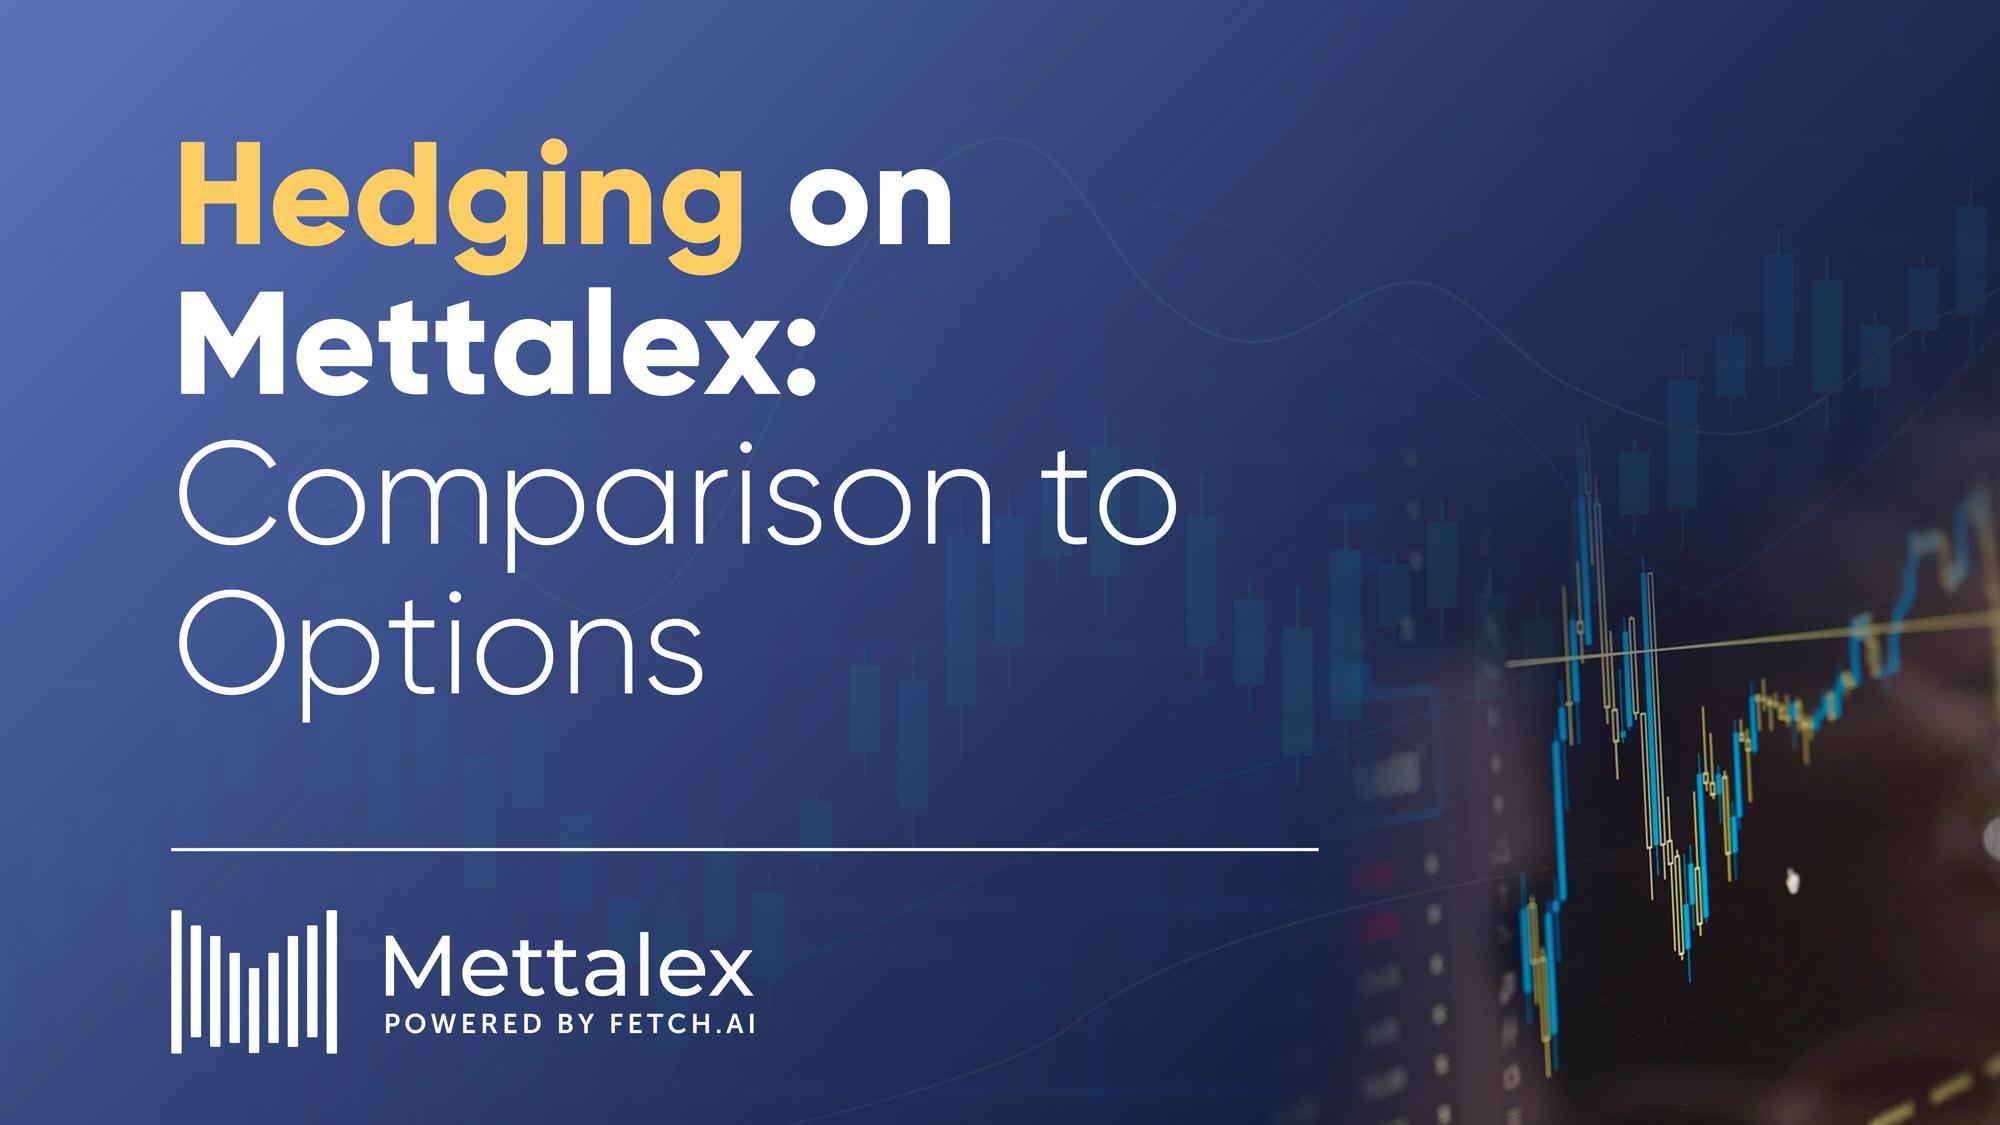 Hedging on Mettalex: Comparison to Options | Mettalex